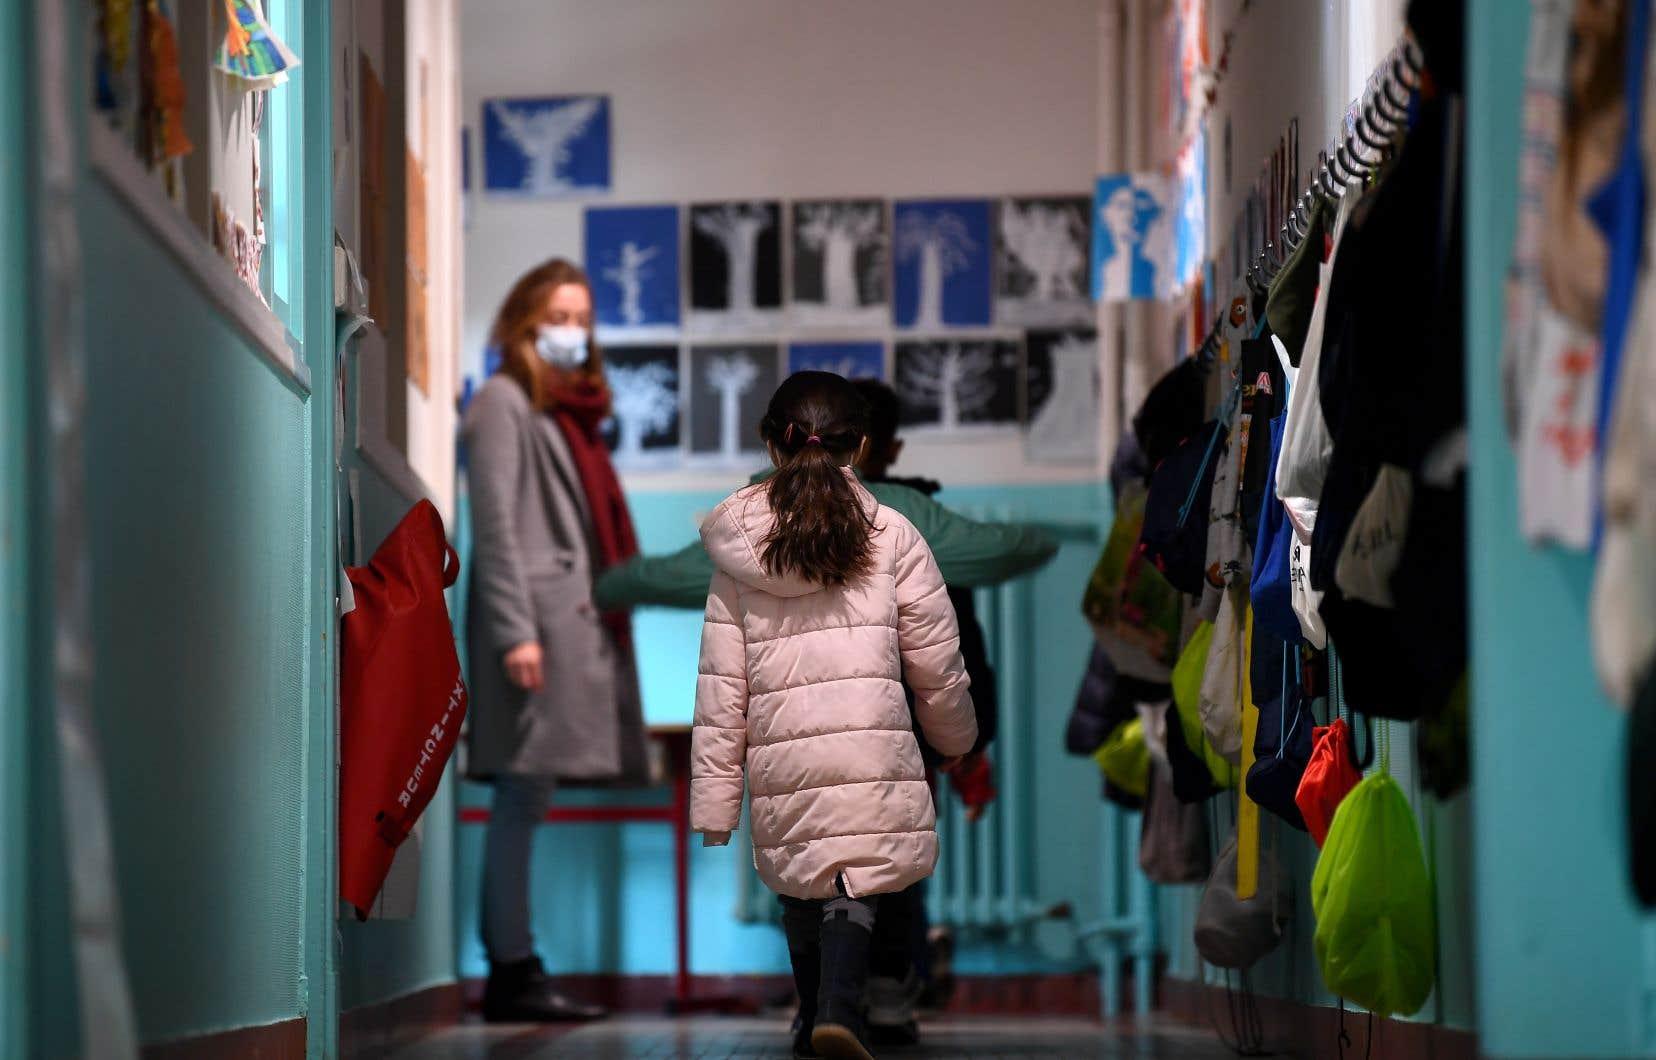 Selon l'instigateur de la pétition, les bullesexigées par Québec apparaissent comme une «utopie» qui sera «non applicable dans [le] quotidien et portera préjudice [aux] élèves».